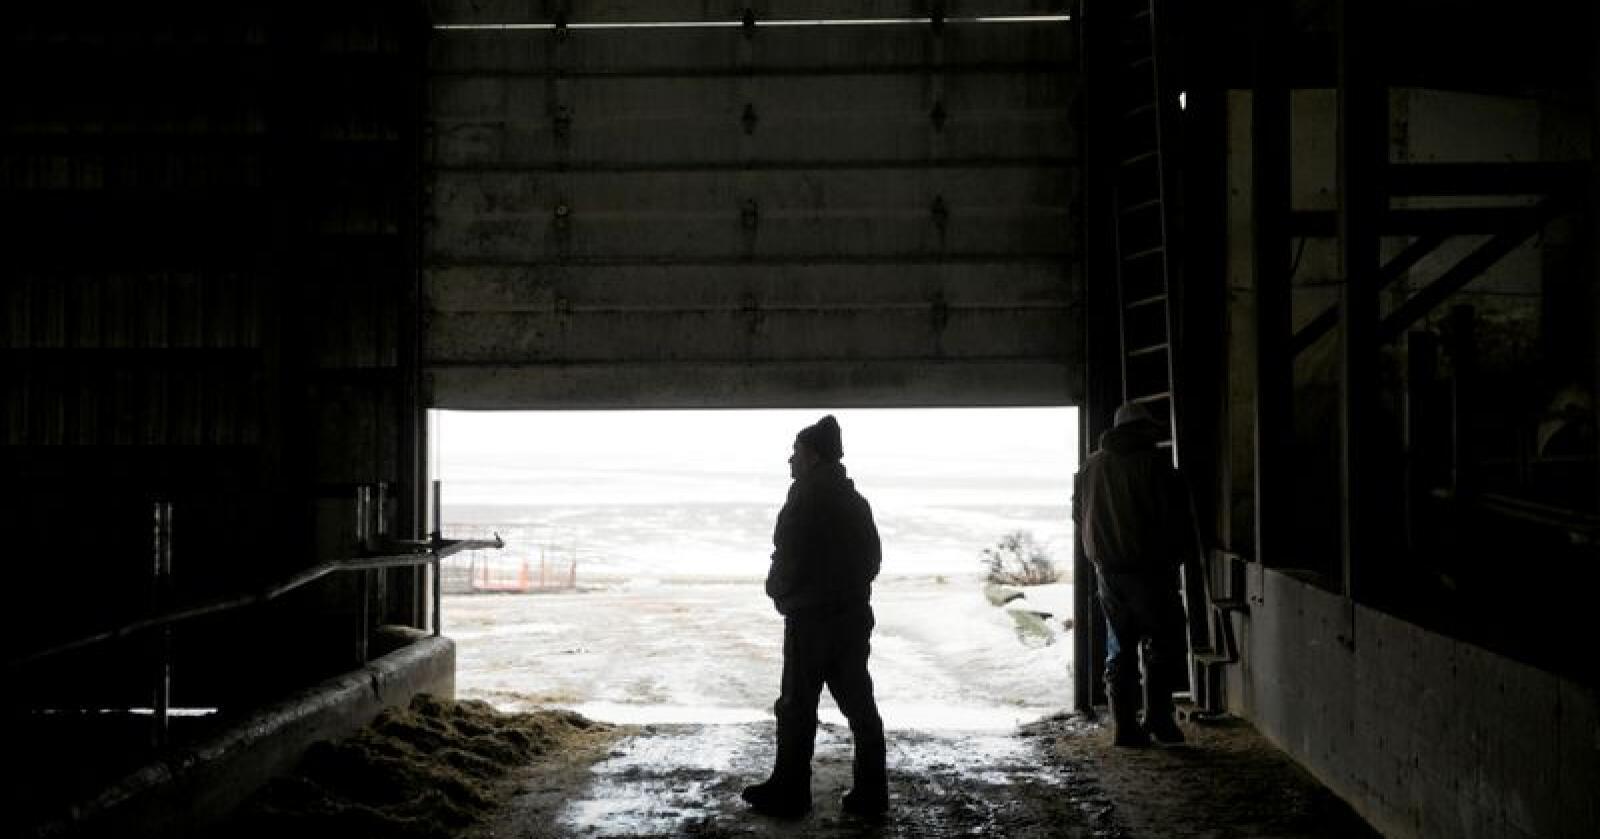 Vanskelige forhold: Bonden på bildet har uttalt seg til nyhetsbyrået AP om vanskelige forhold i amerikansk landbruk, men ikke om den angivelige økningen i forekomst av selvmord. Foto: David Goldman / AP / NTB scanpix